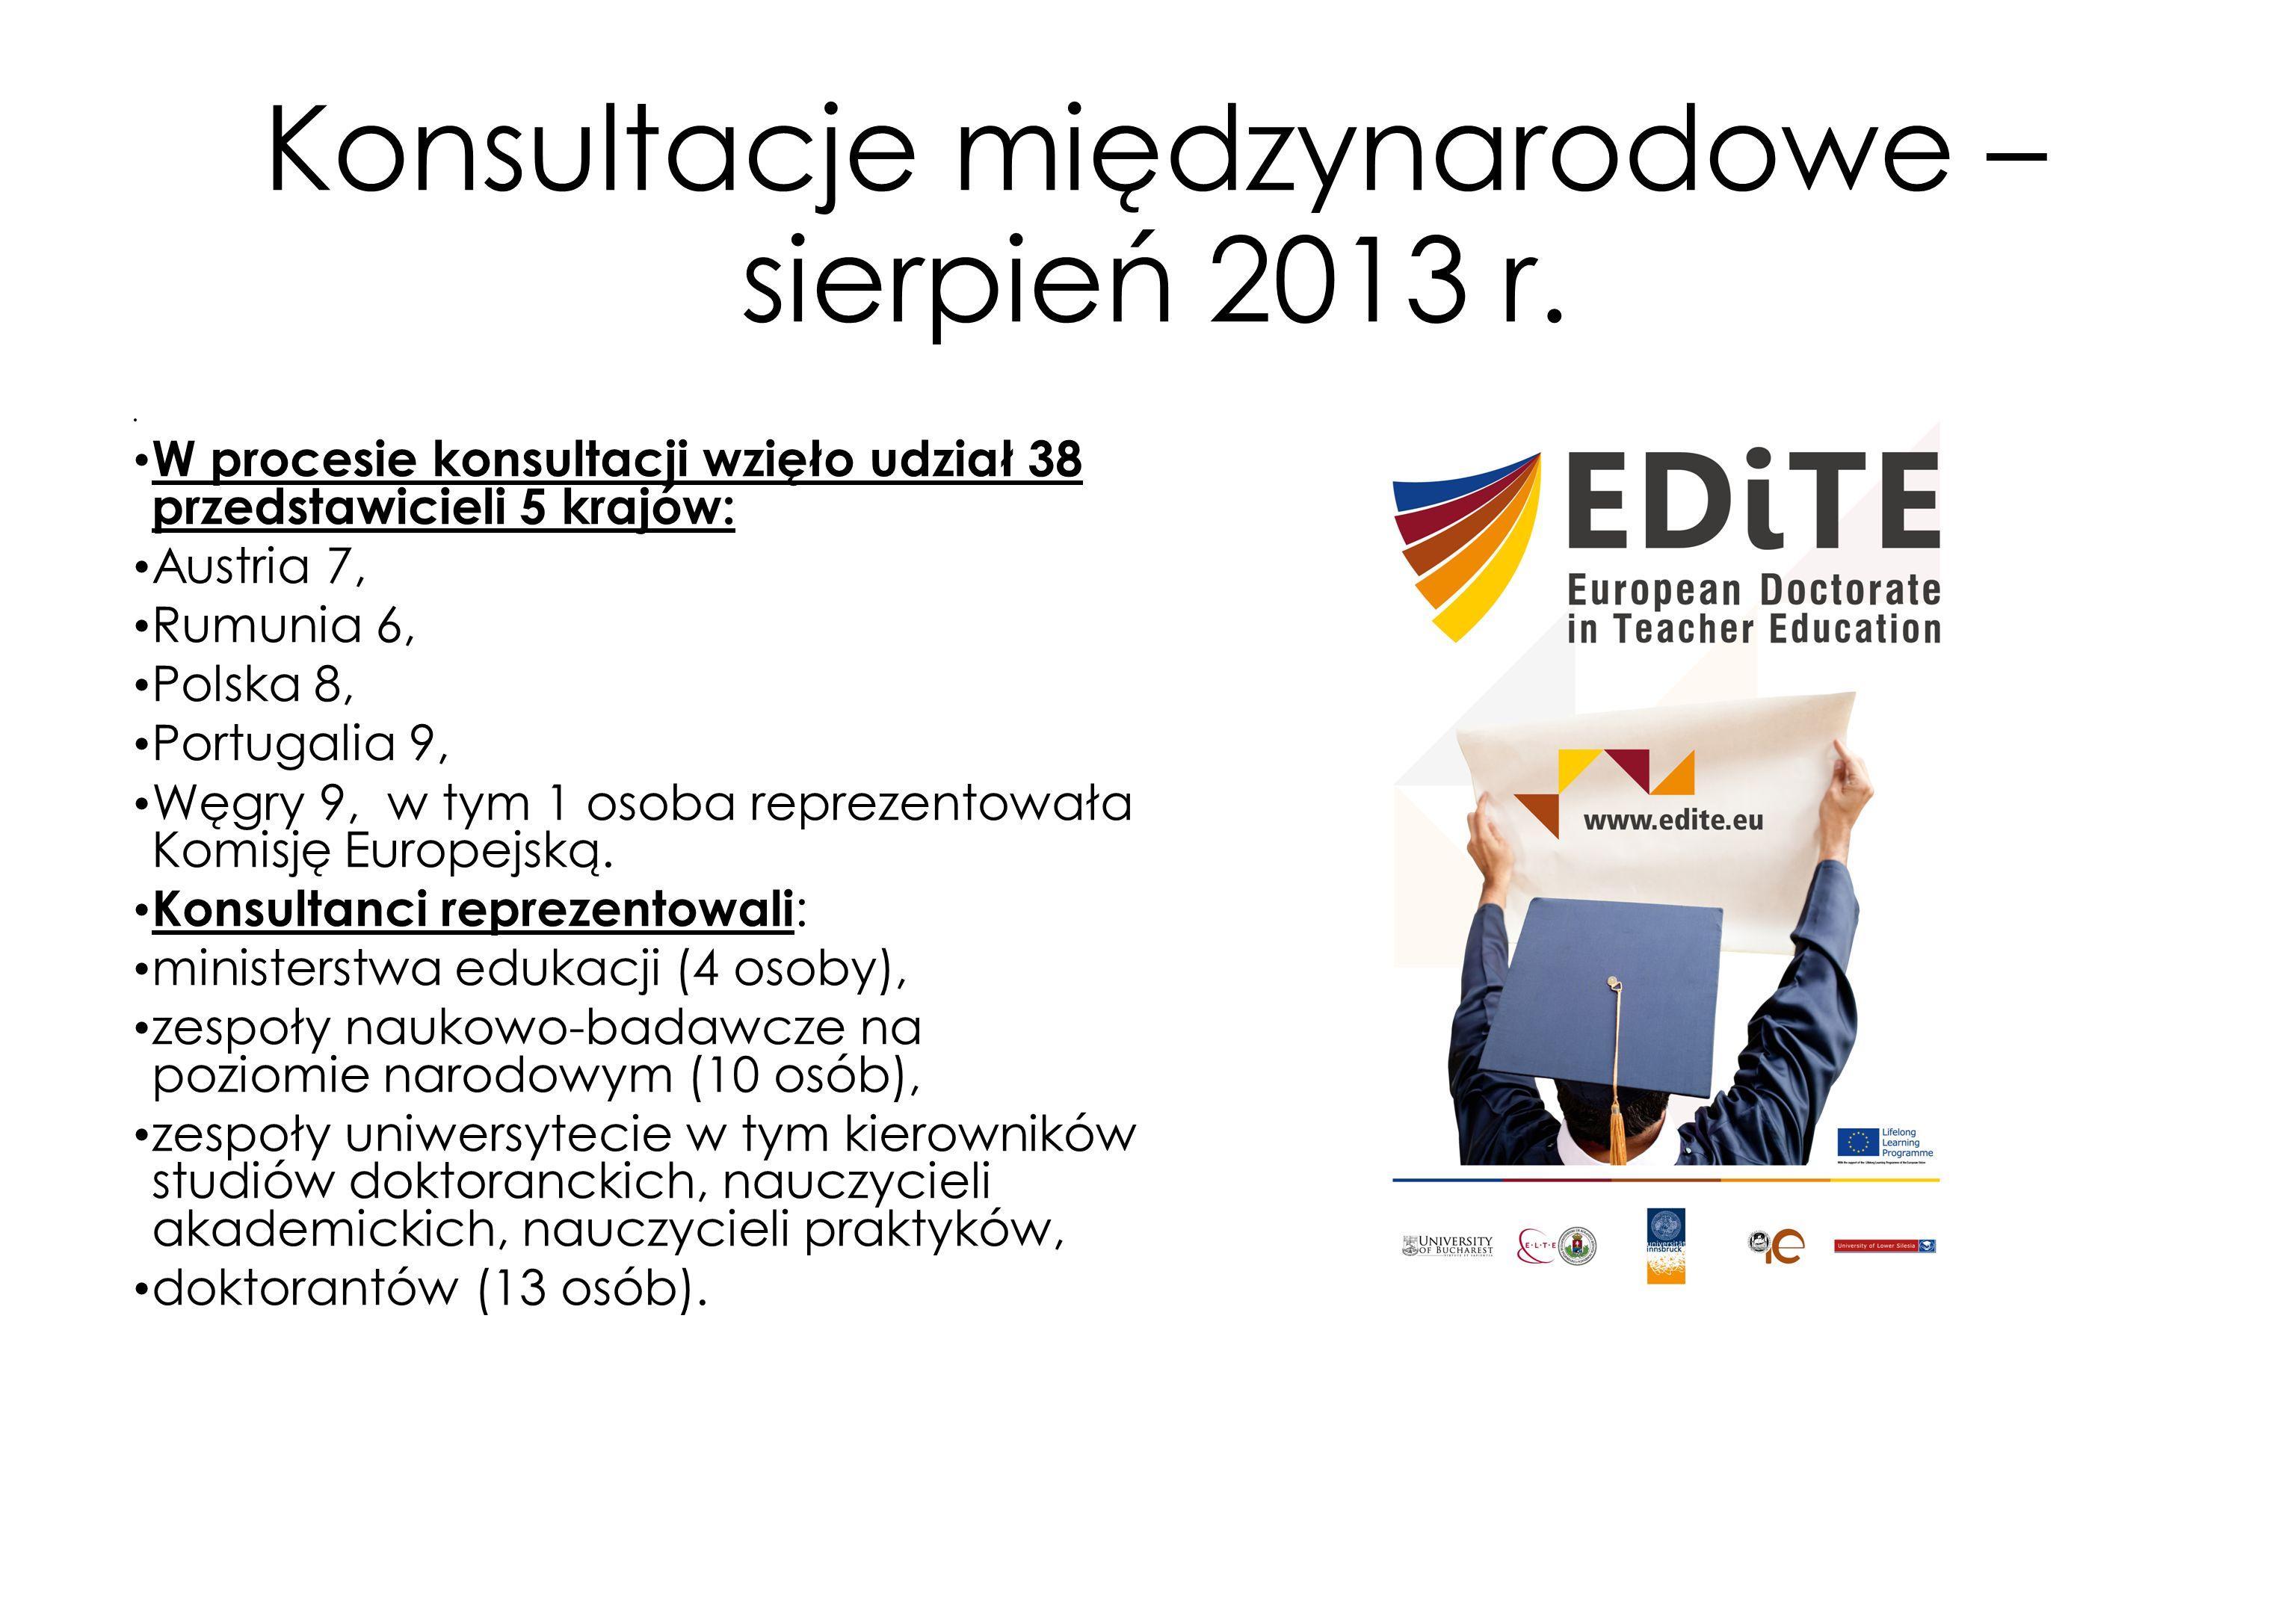 Konsultacje międzynarodowe – sierpień 2013 r.